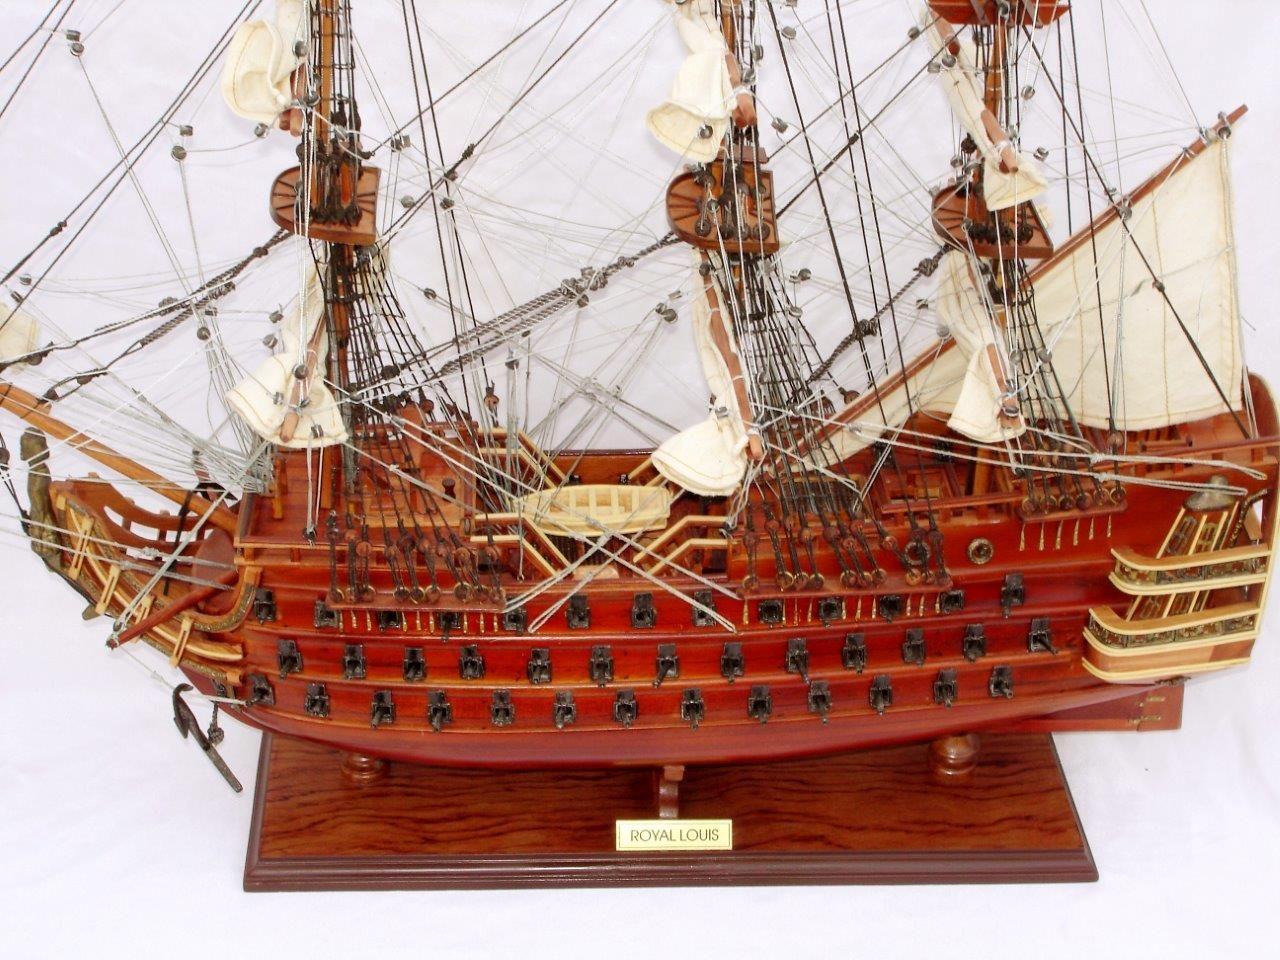 2093-12434-Royal-Louis-Ship-Model